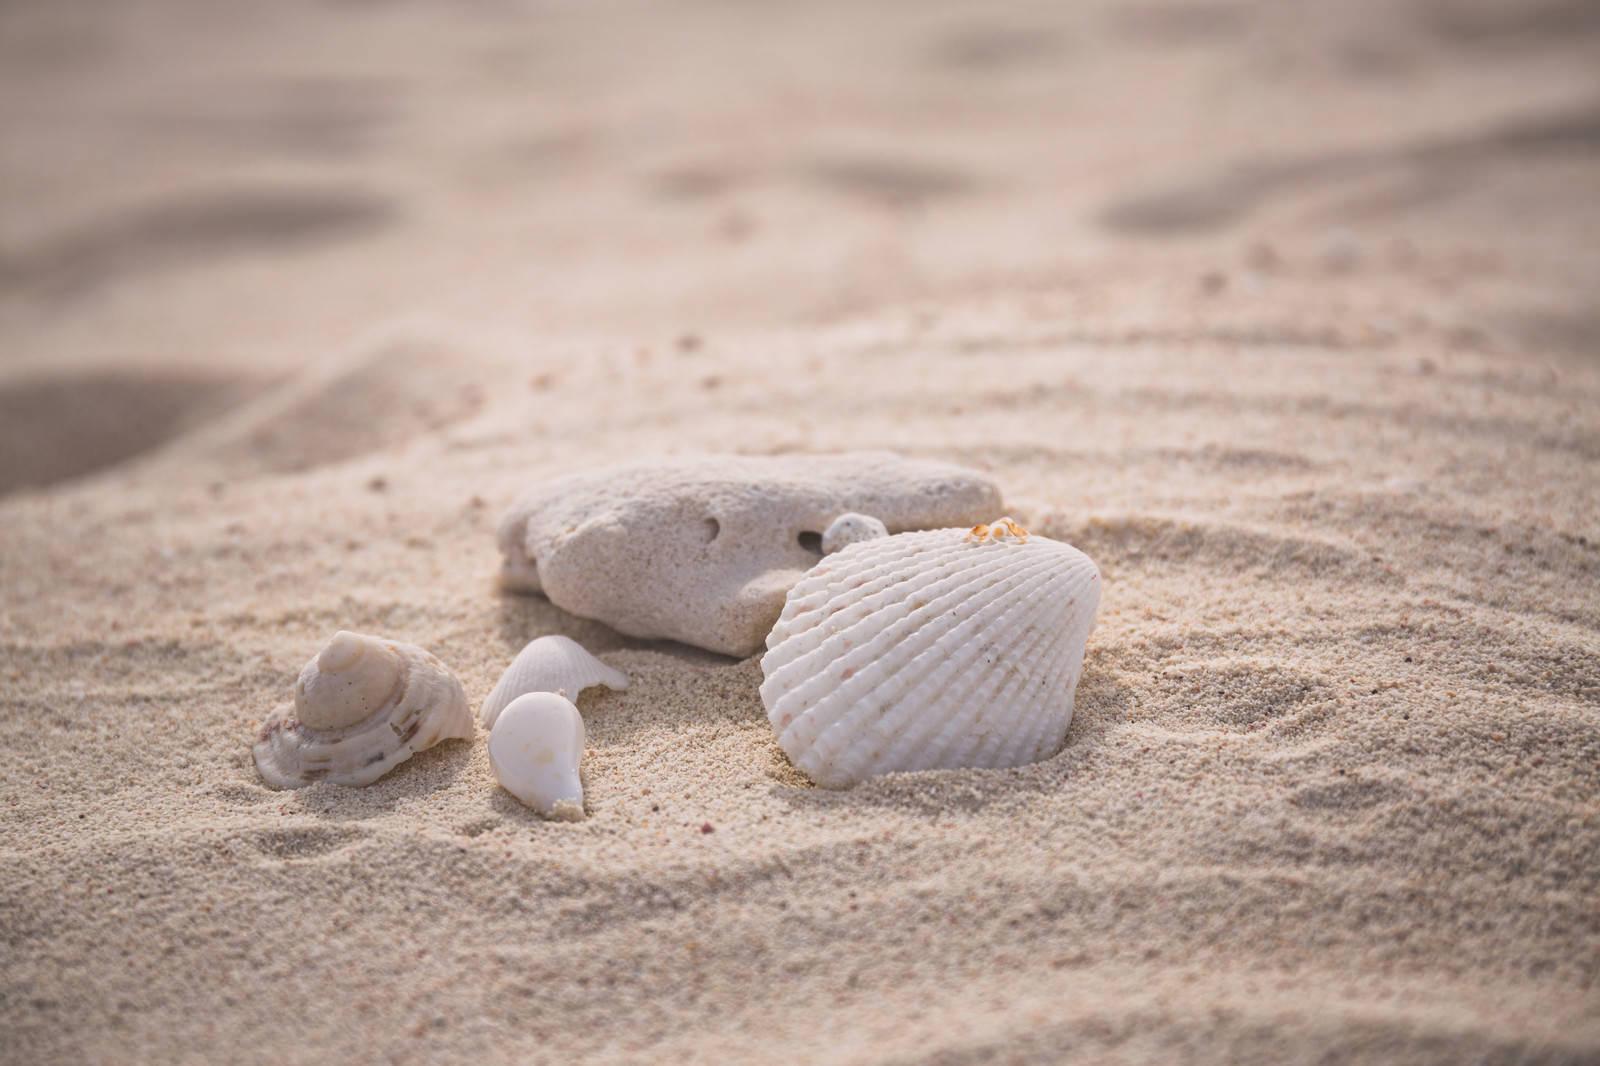 「砂浜に落ちていた貝殻」の写真